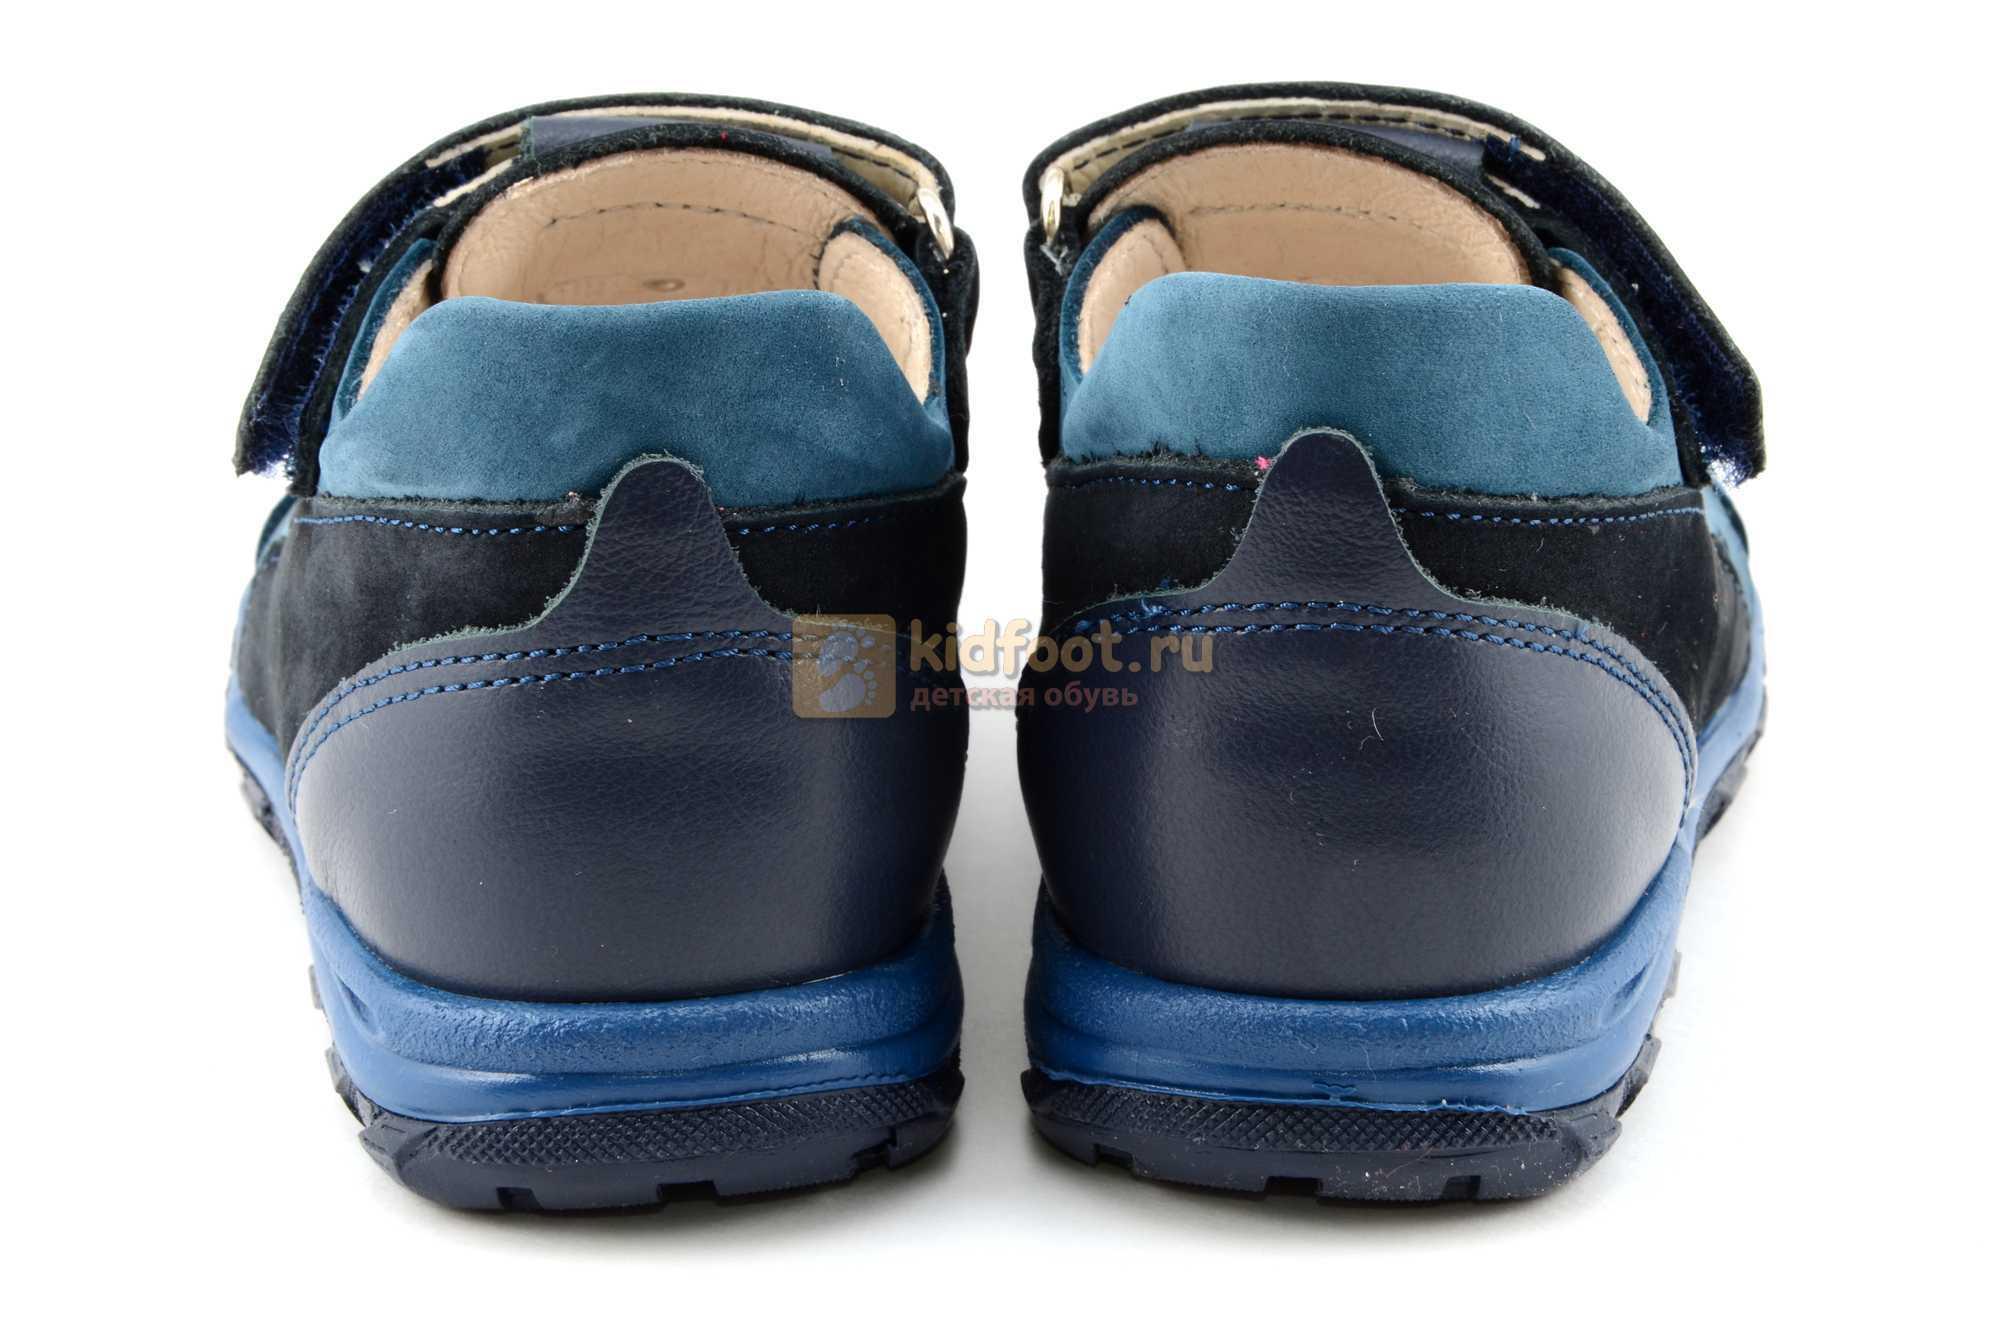 Сандалии Тотто из натуральной кожи с закрытым носом для мальчиков, цвет черный синий